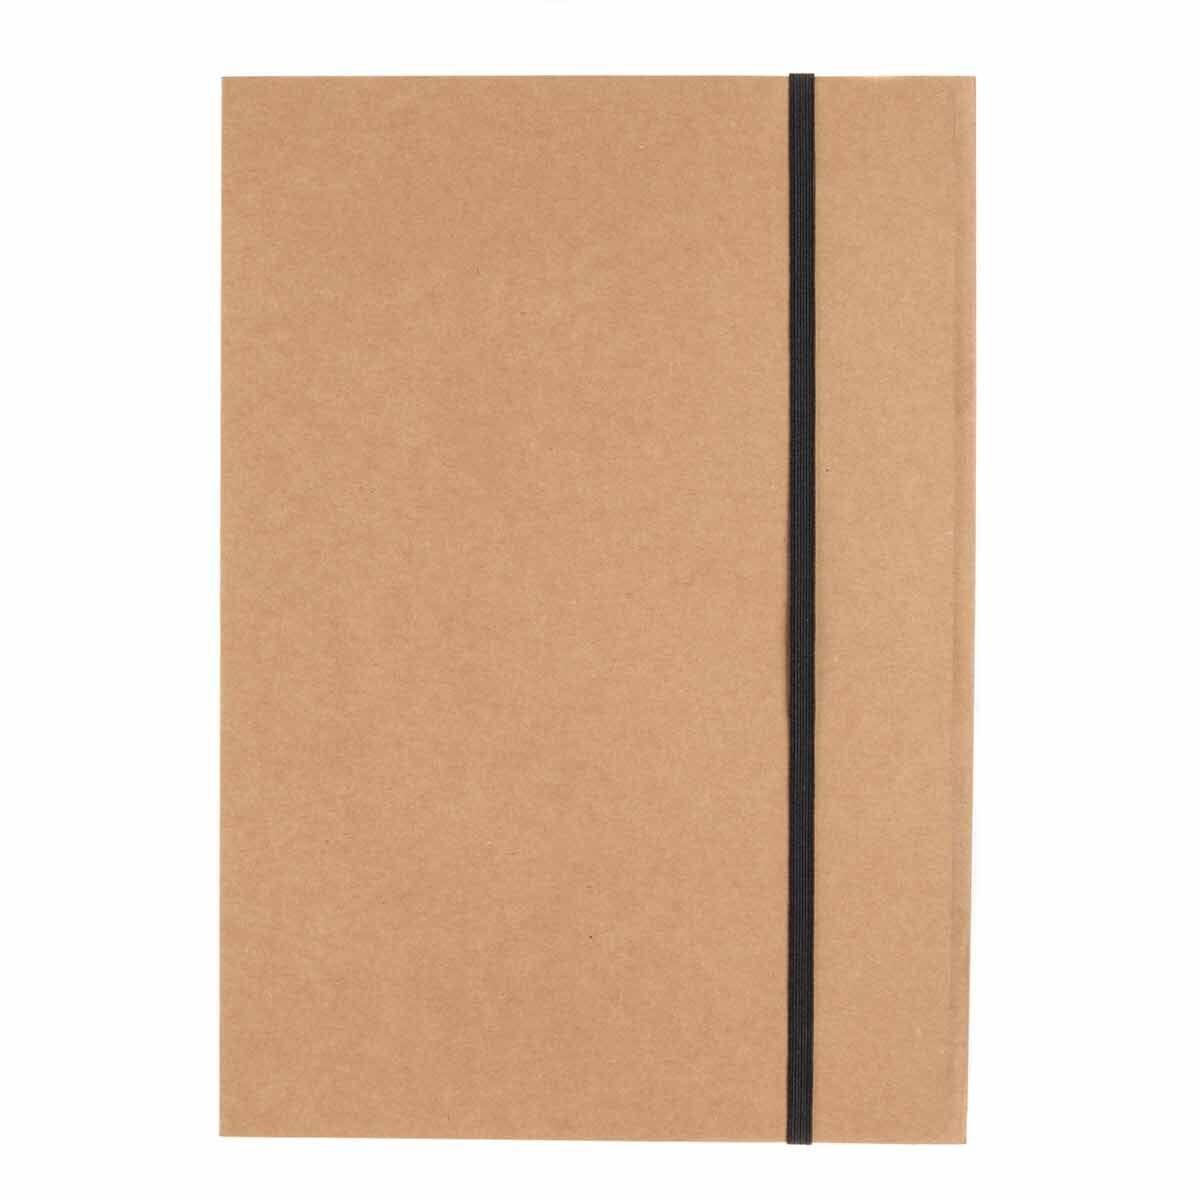 Ryman Elasti Folder A4